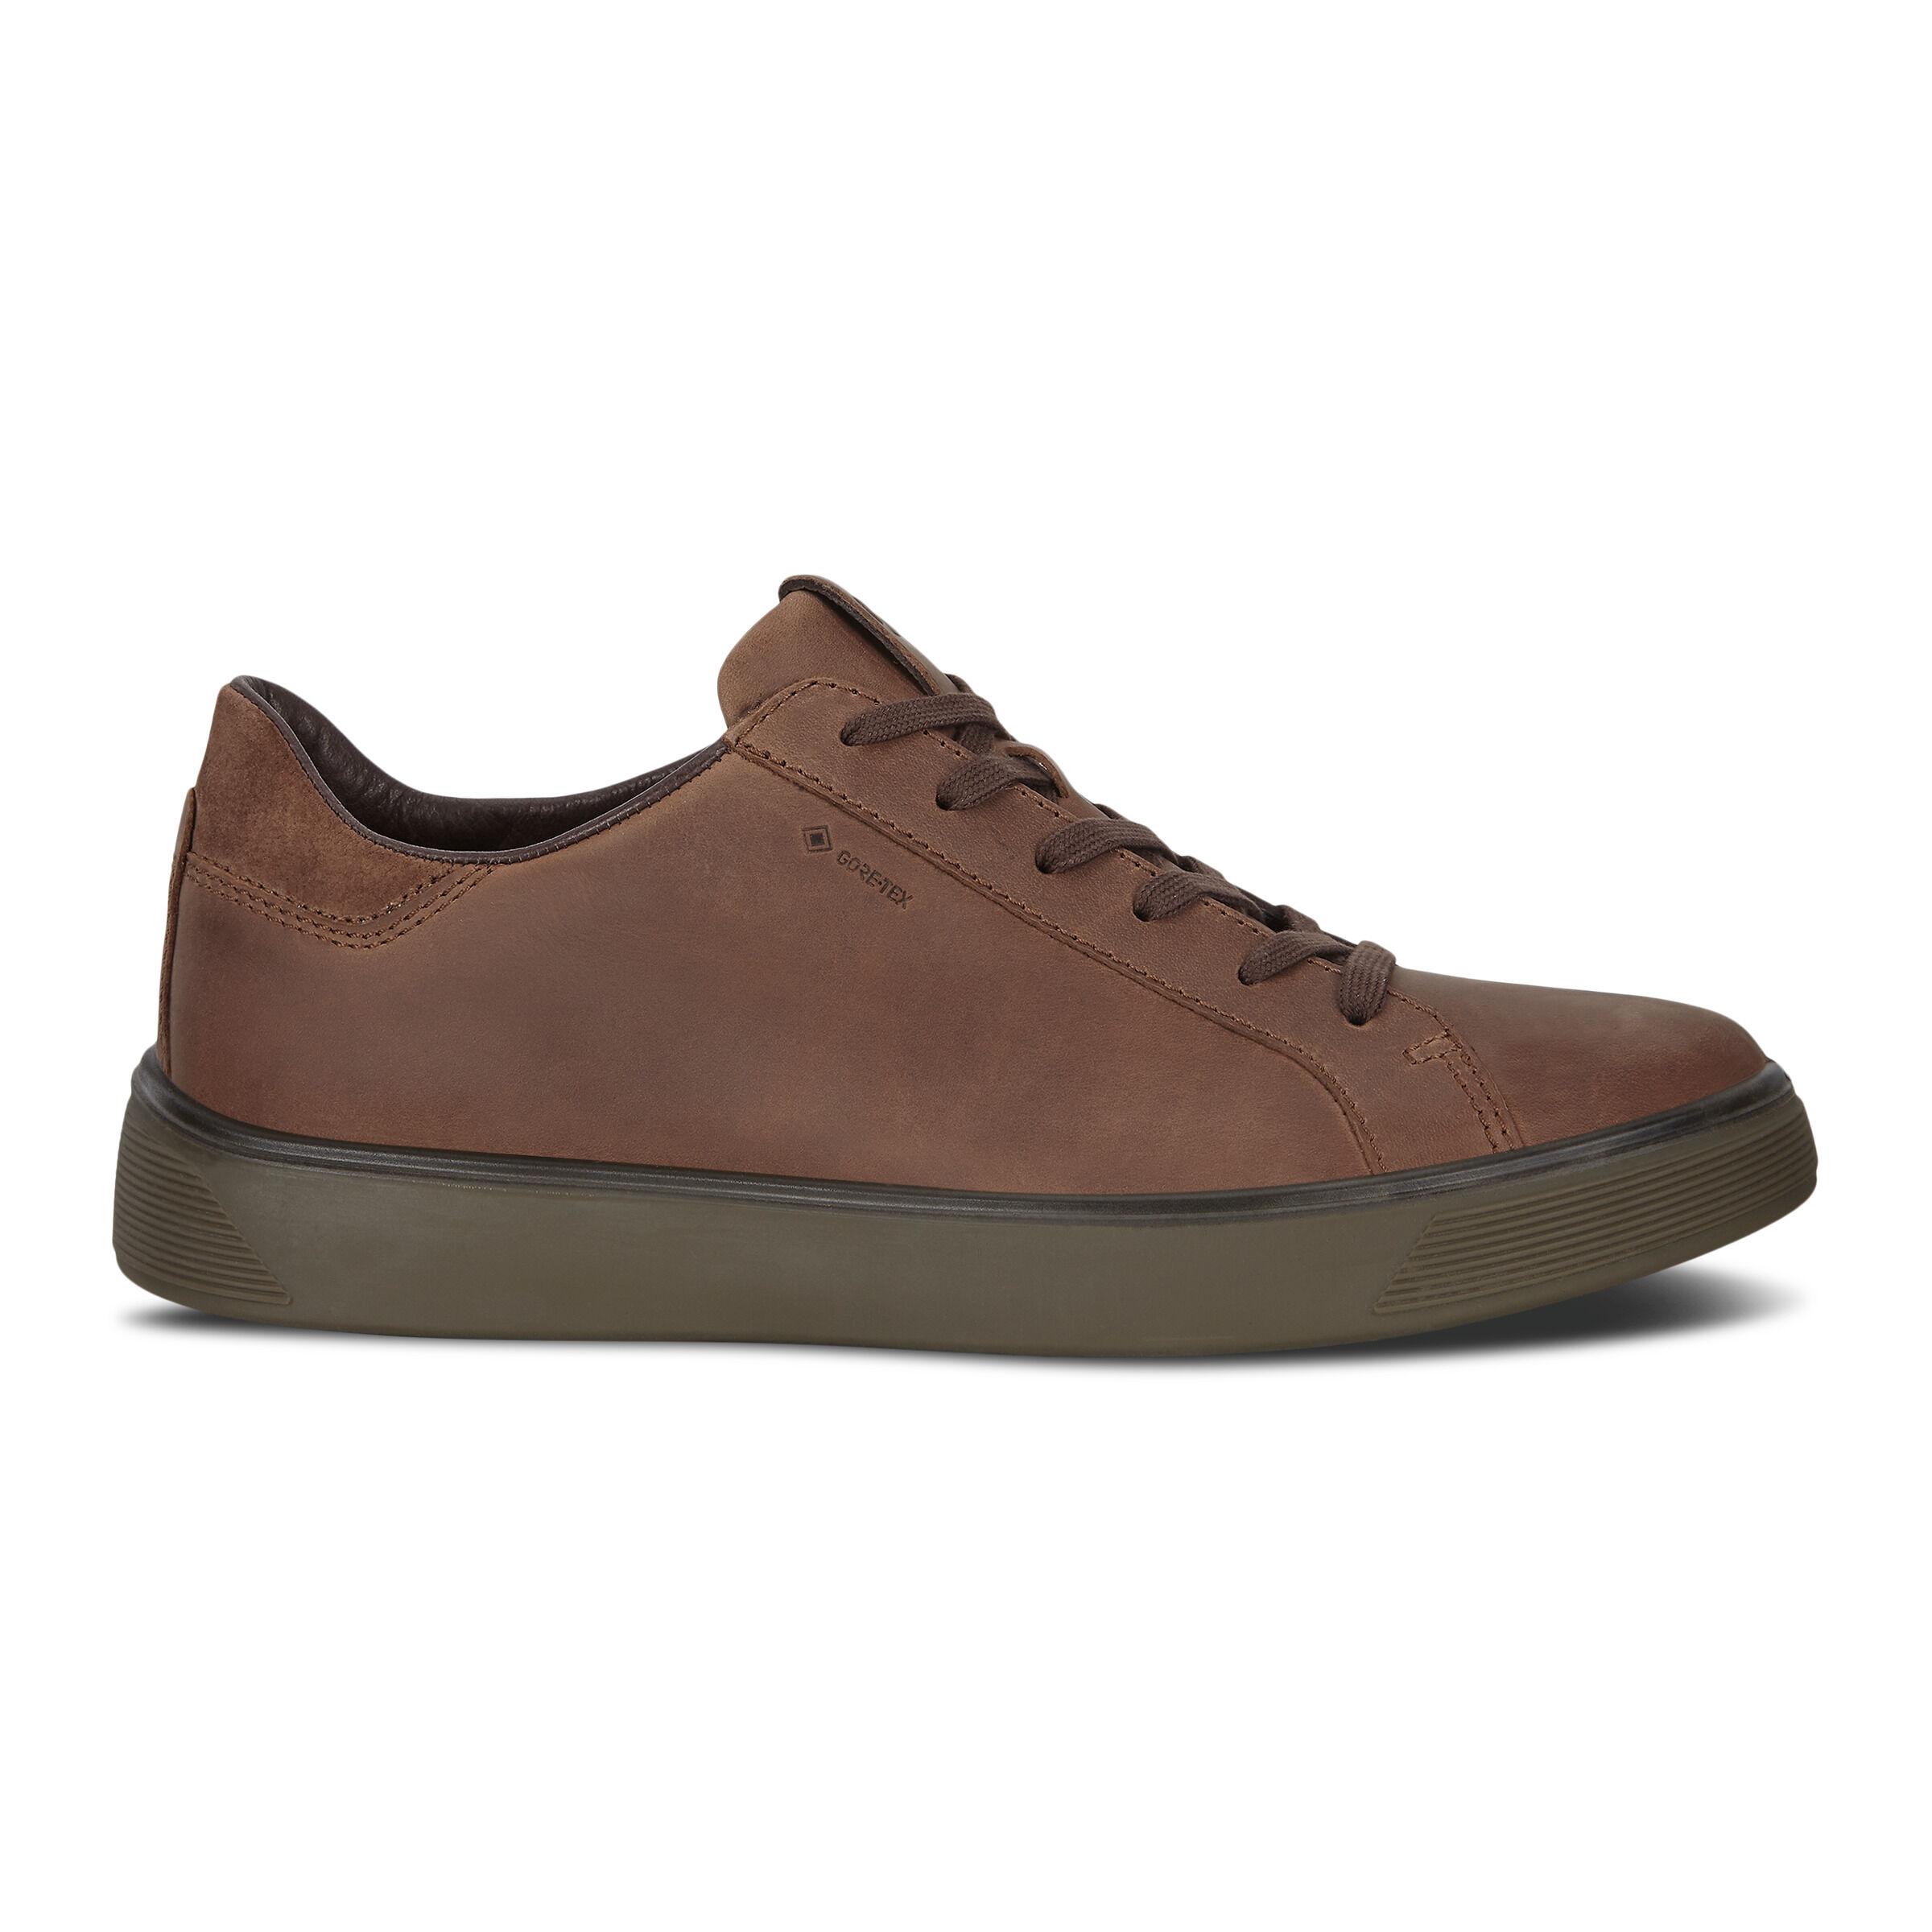 에코 ECCO STREET TRAY Mens Sneakers,COCOA BROWN/COCOA BROWN